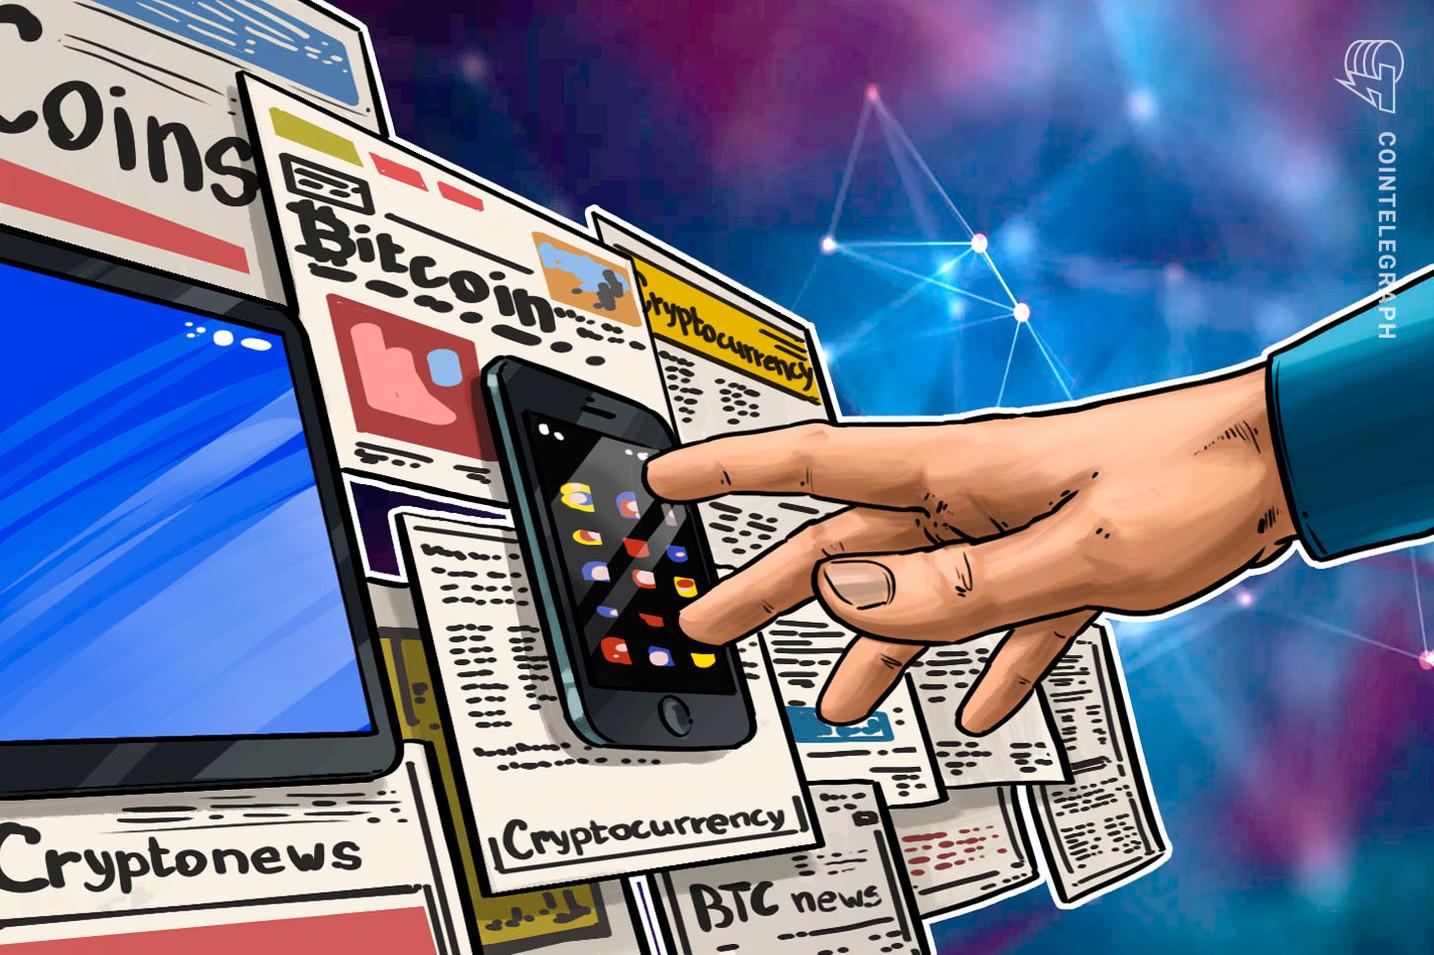 Medien: Berichterstattung ist während schwachen Kryptomärkten am höchsten